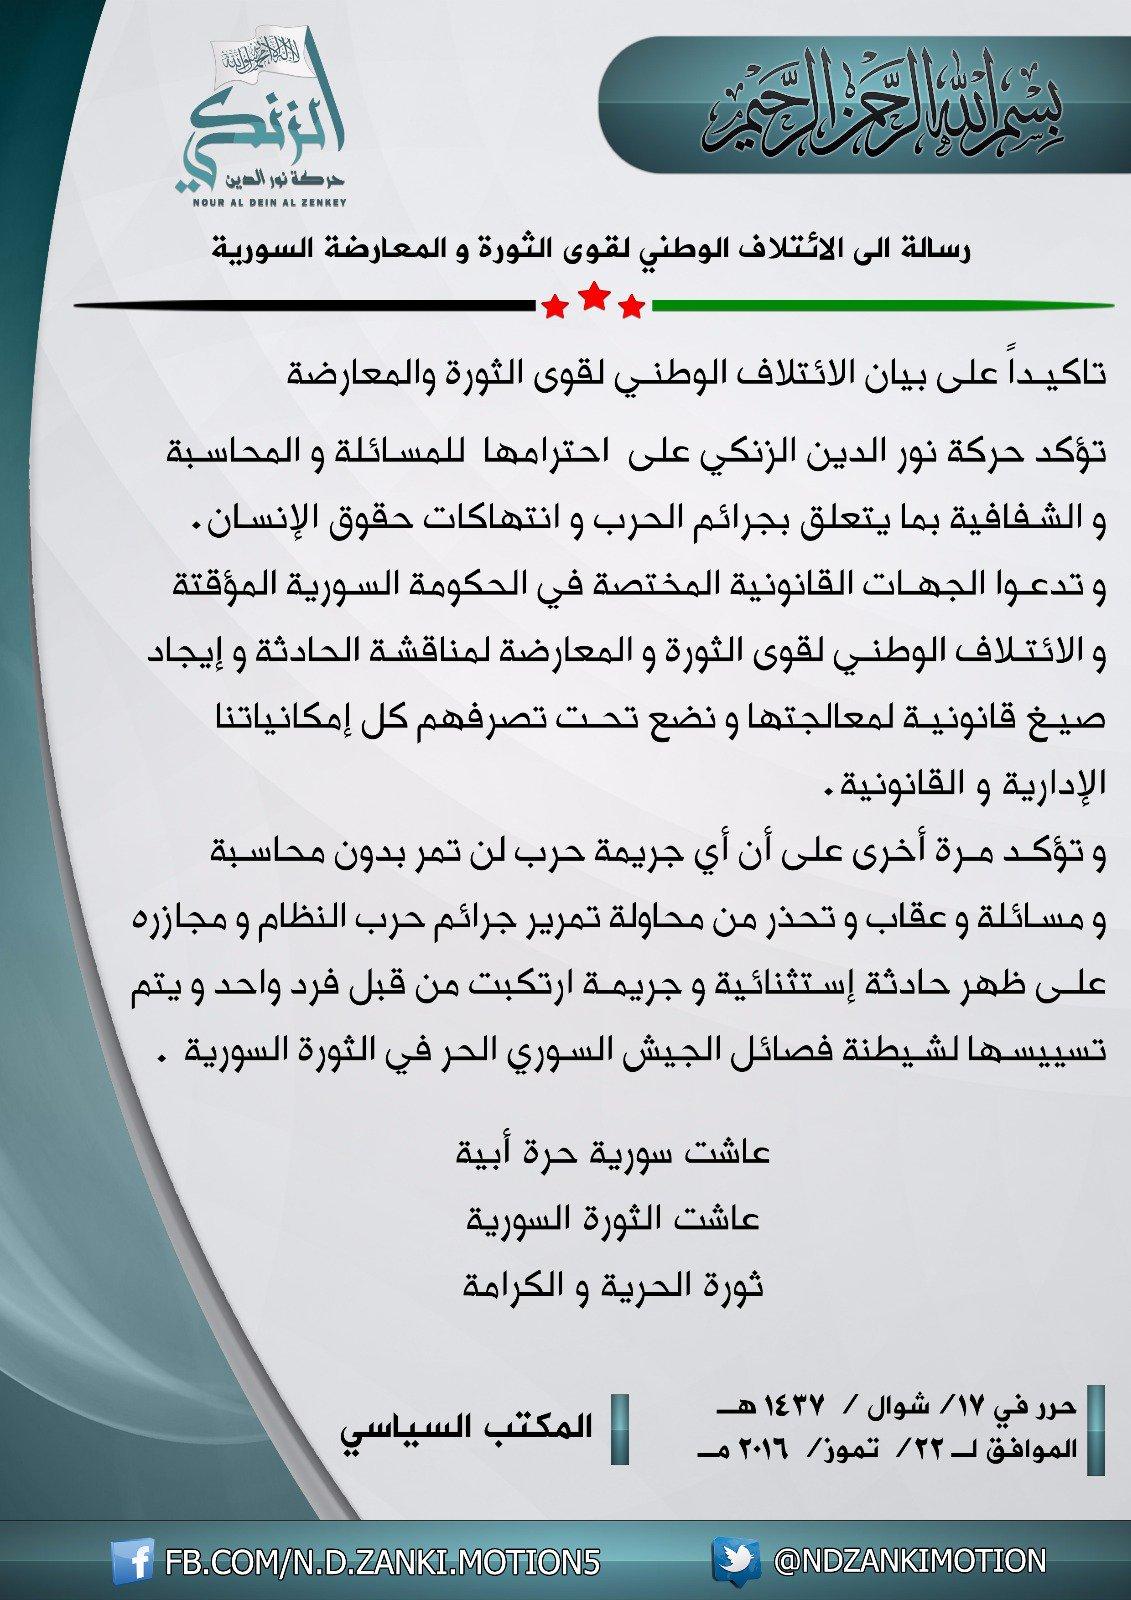 بيان نشرته الحركة اليوم - الجمعة 22 تموز (نور الدين الزنكي)